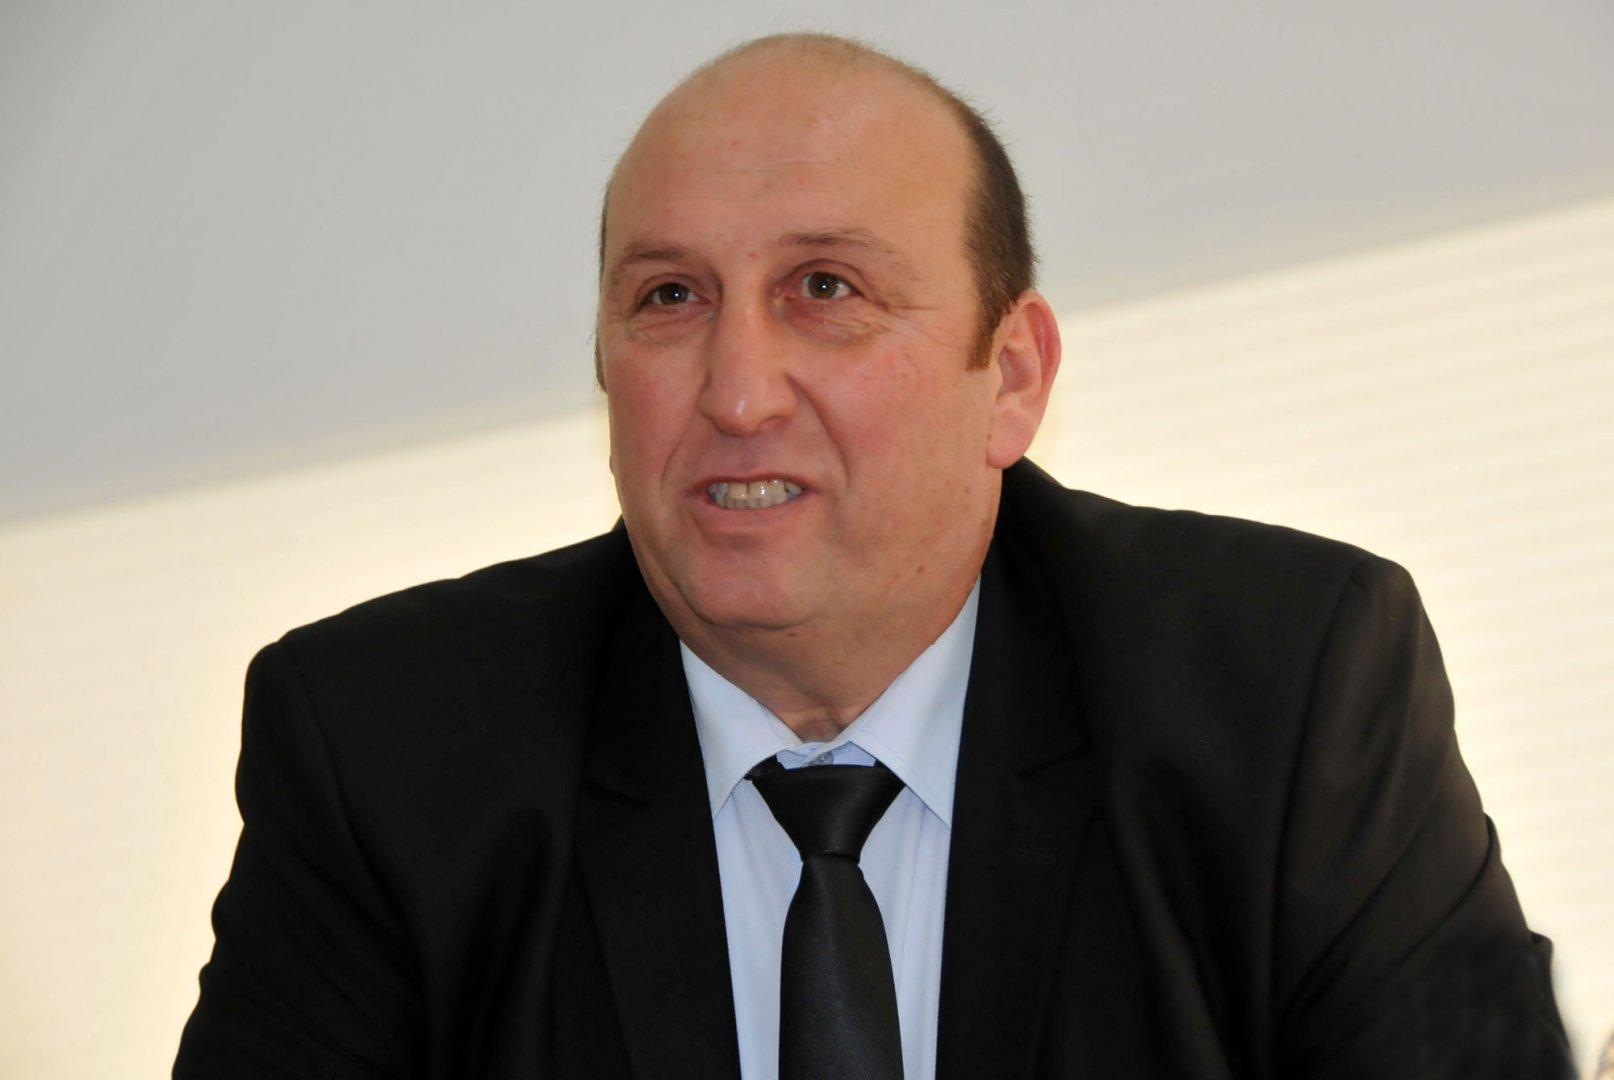 Поставили сме си амбициозни цели за следваща година, каза кметът на Средец Иван Жабов. Снимка Архив Черноморие-бг